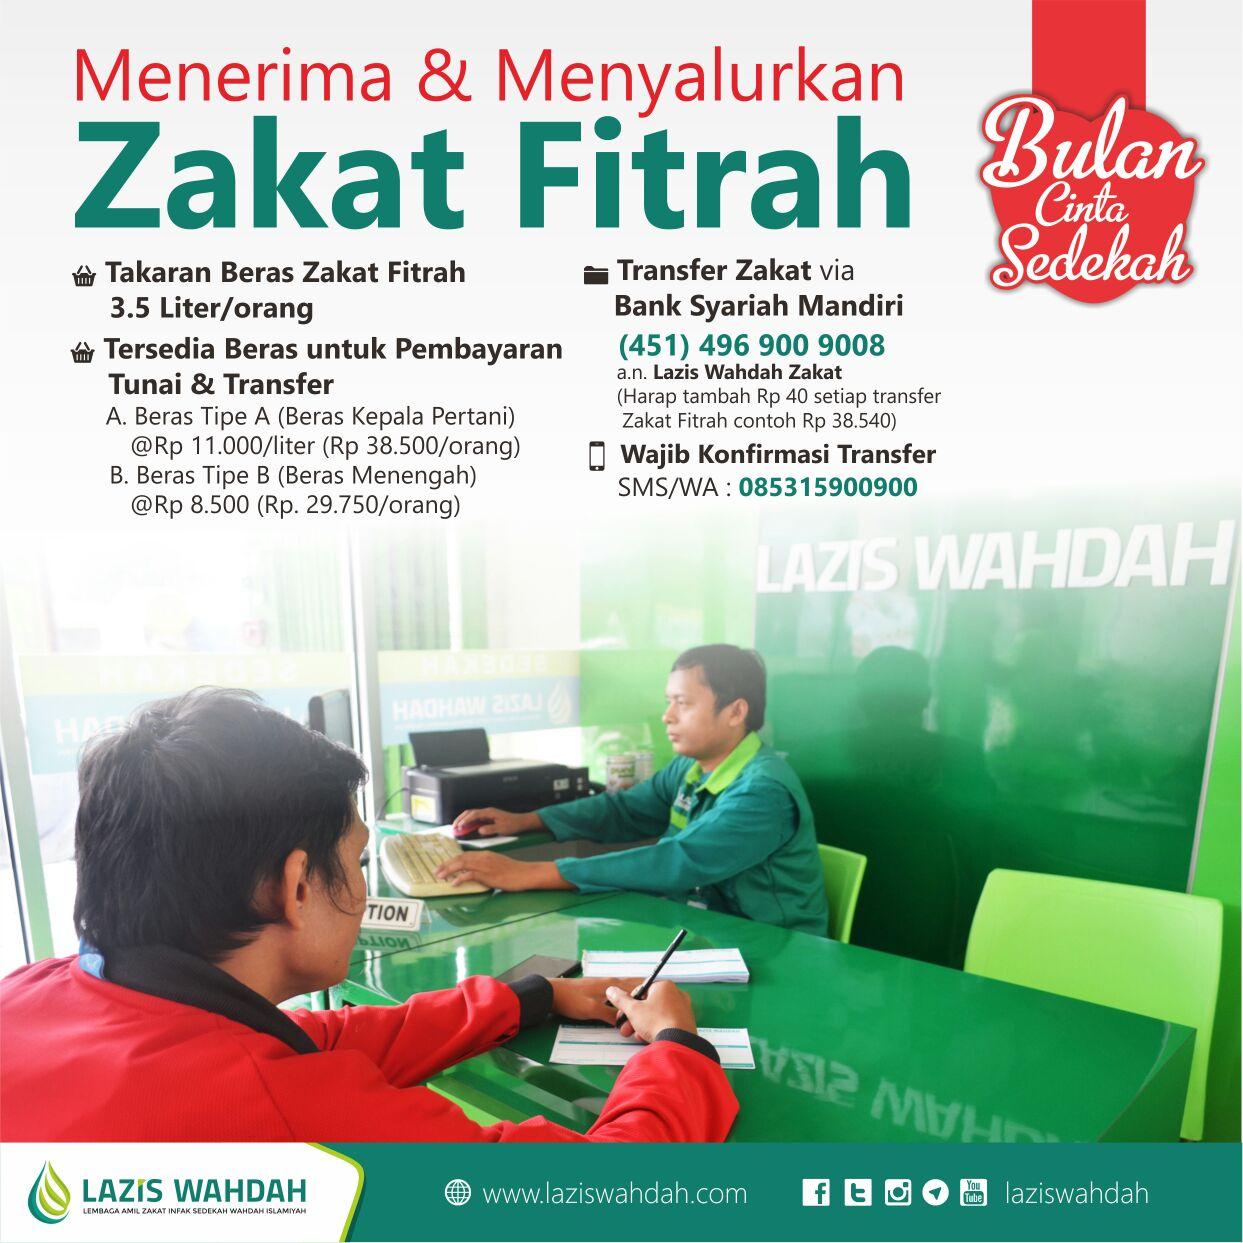 Info Zakat Fitrah Lazis Wahdah Ramadhan 1437 H 2016 Wahdah Islamiyah